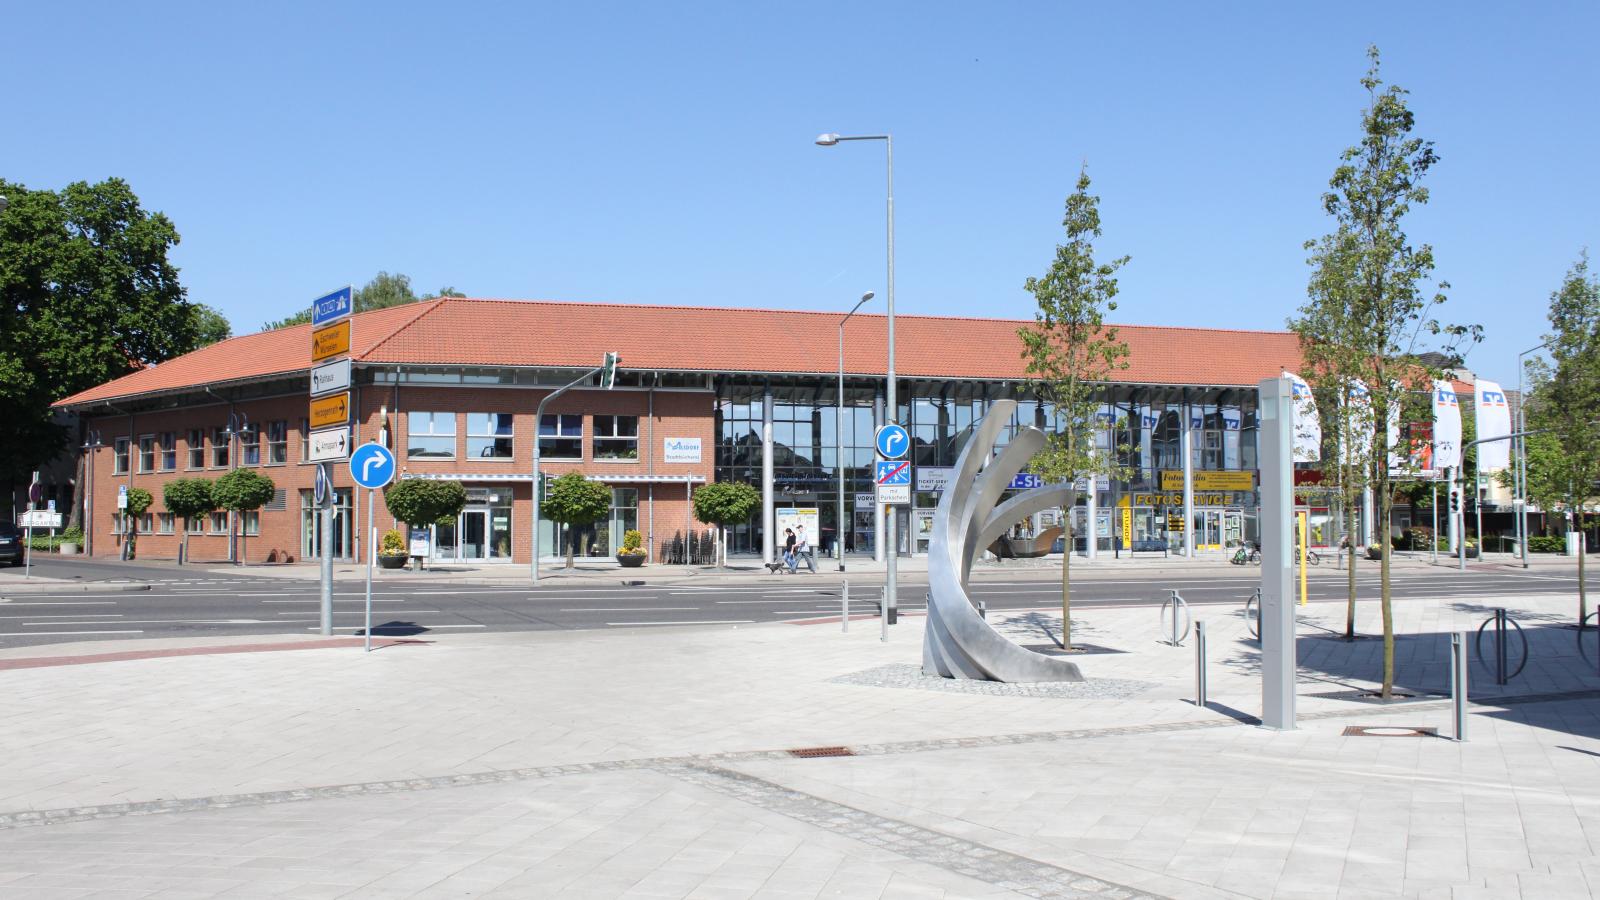 Stadthalle Alsdorf – Anfahrt